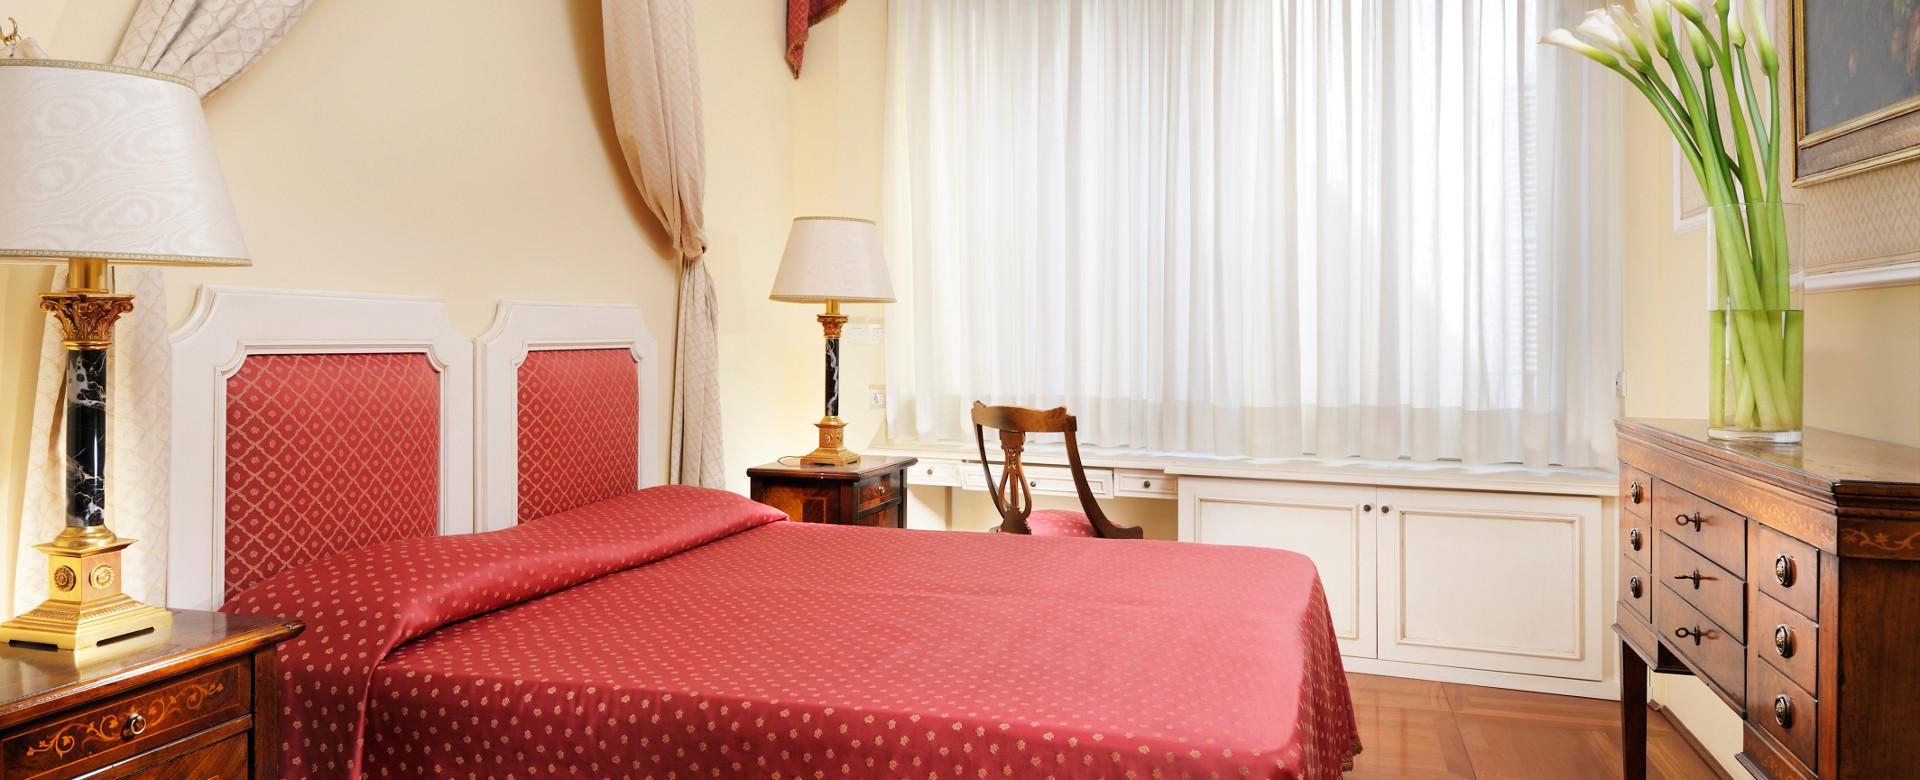 Appartamenti vacanze a Firenze